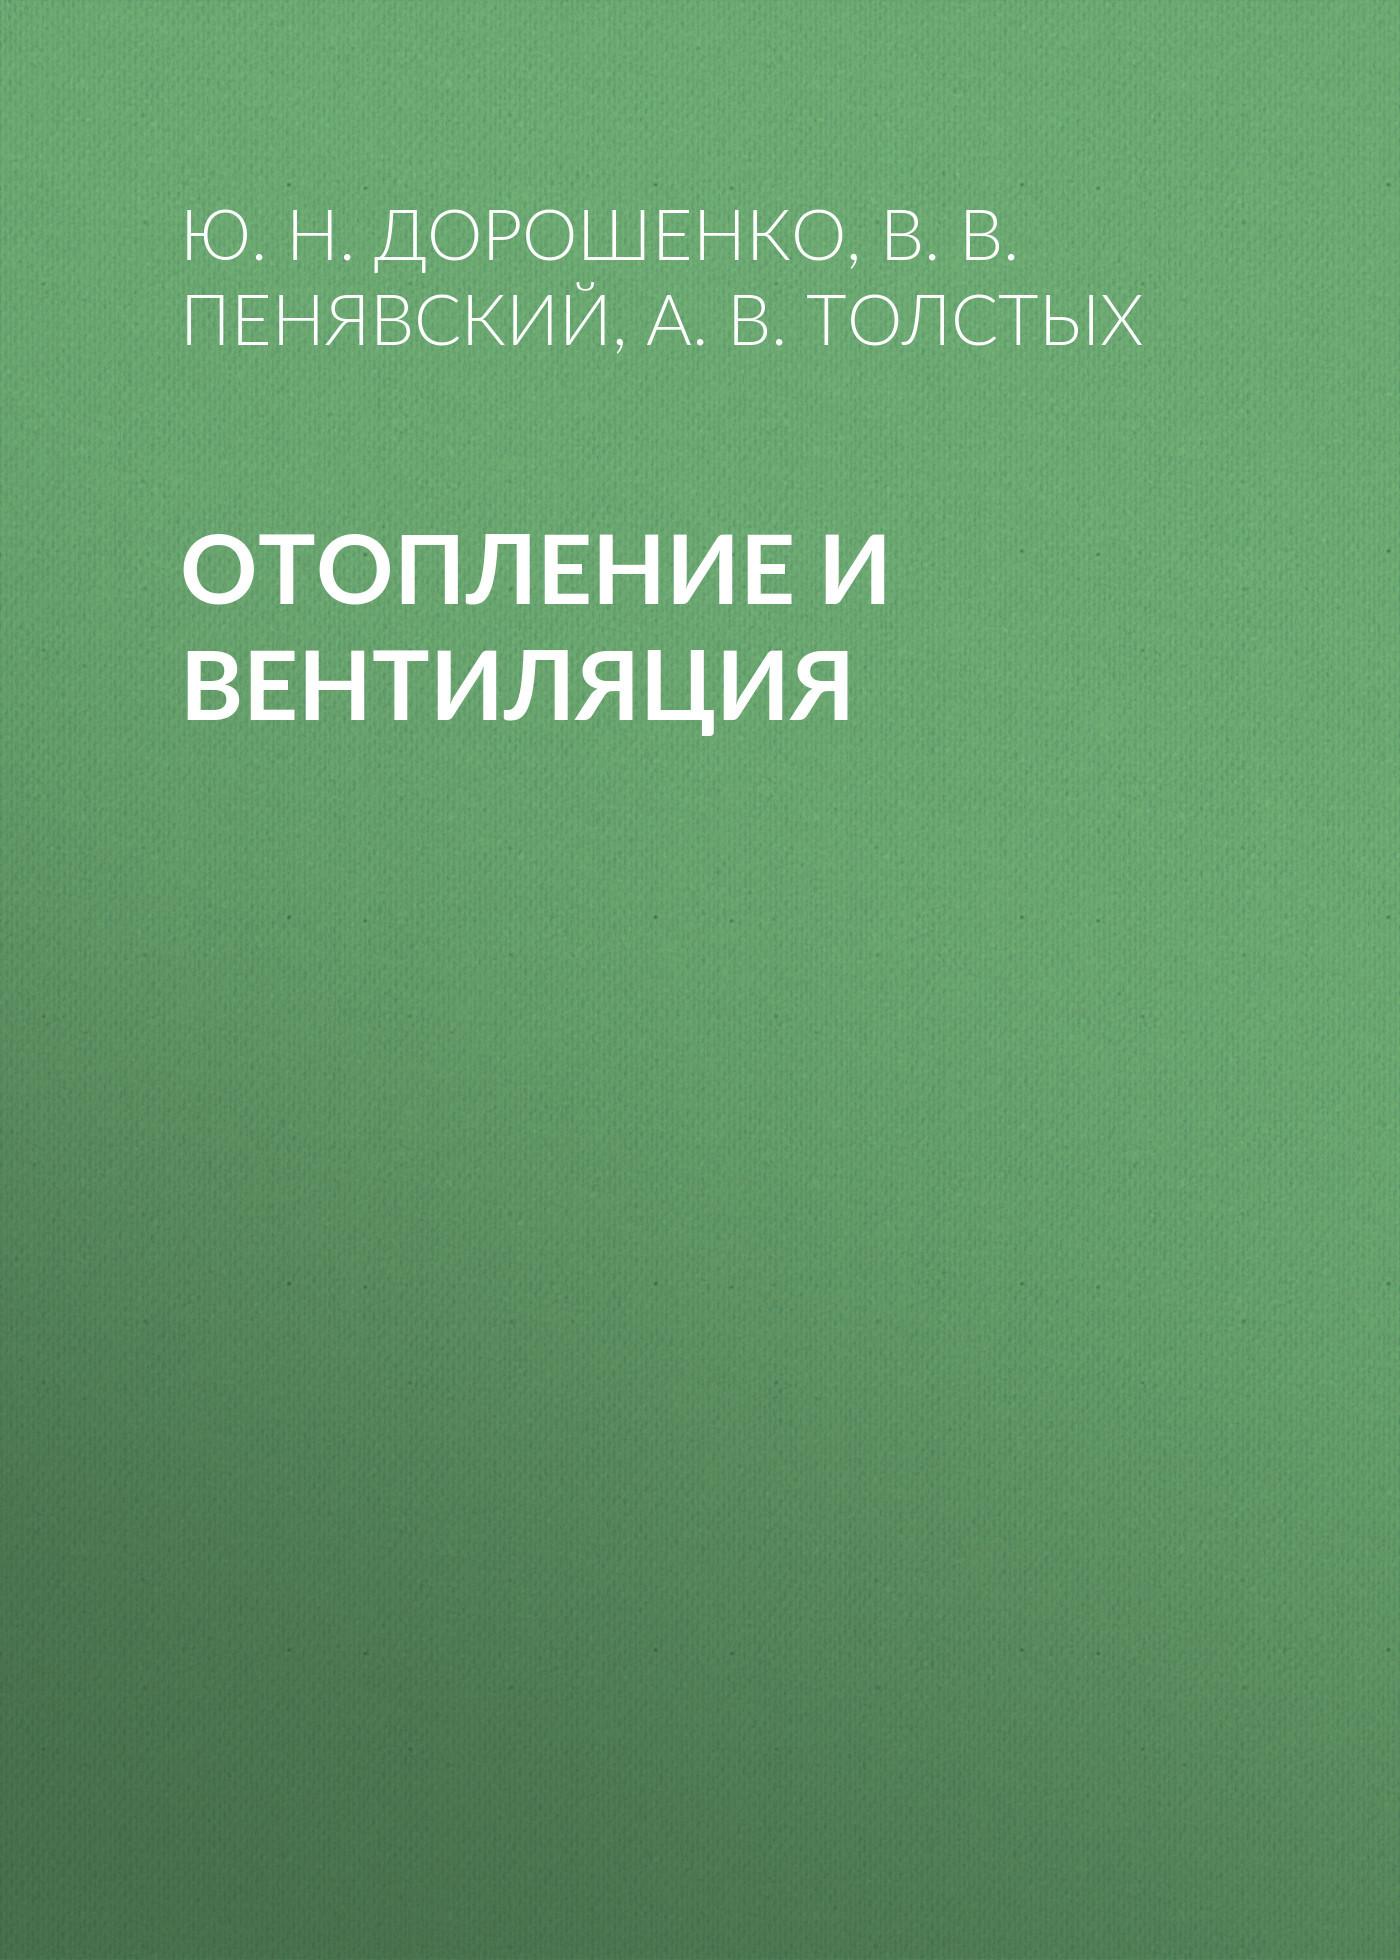 А. В. Толстых Отопление и вентиляция